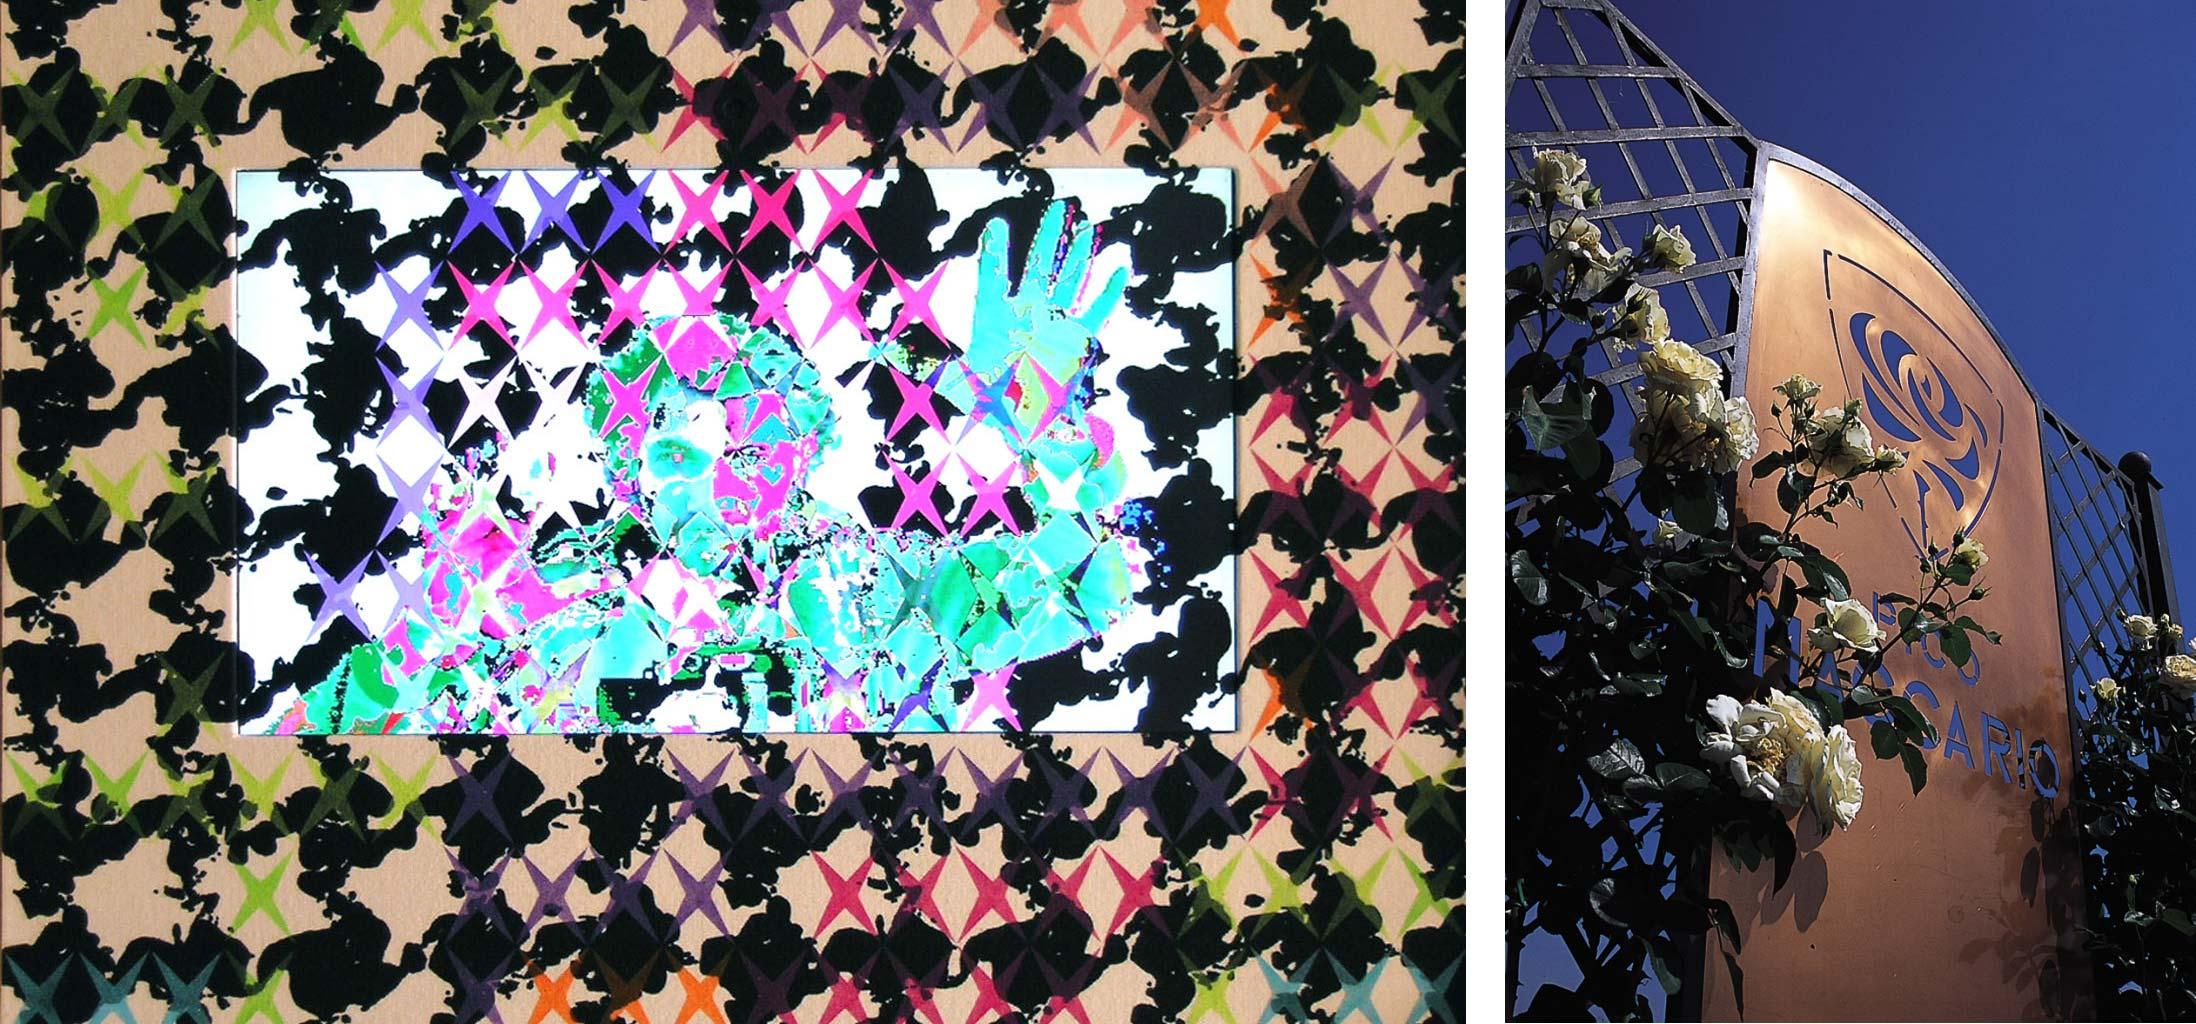 maccario pico marsiglia opera arte